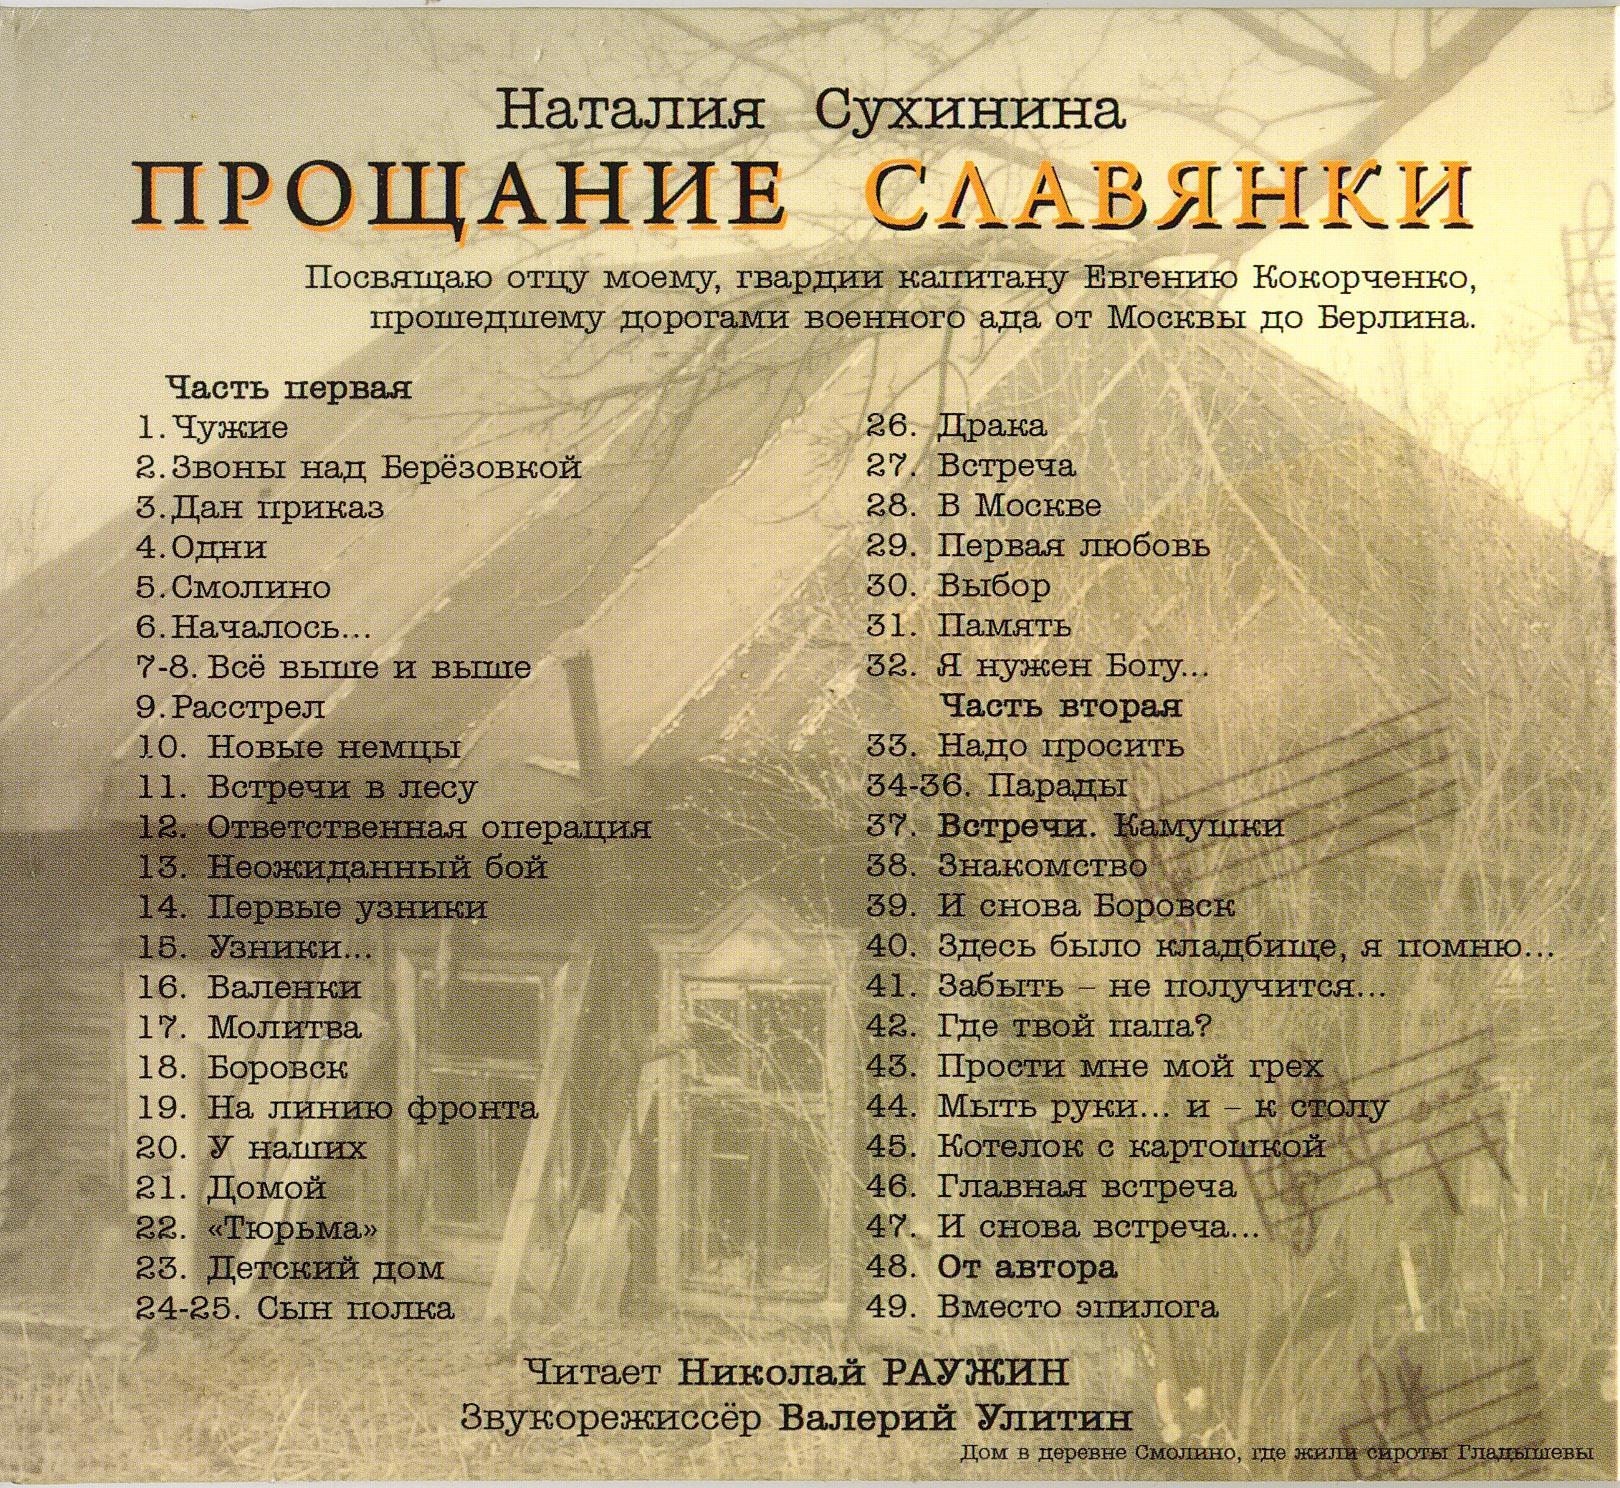 Книга сухинина прощание славянки скачать бесплатно